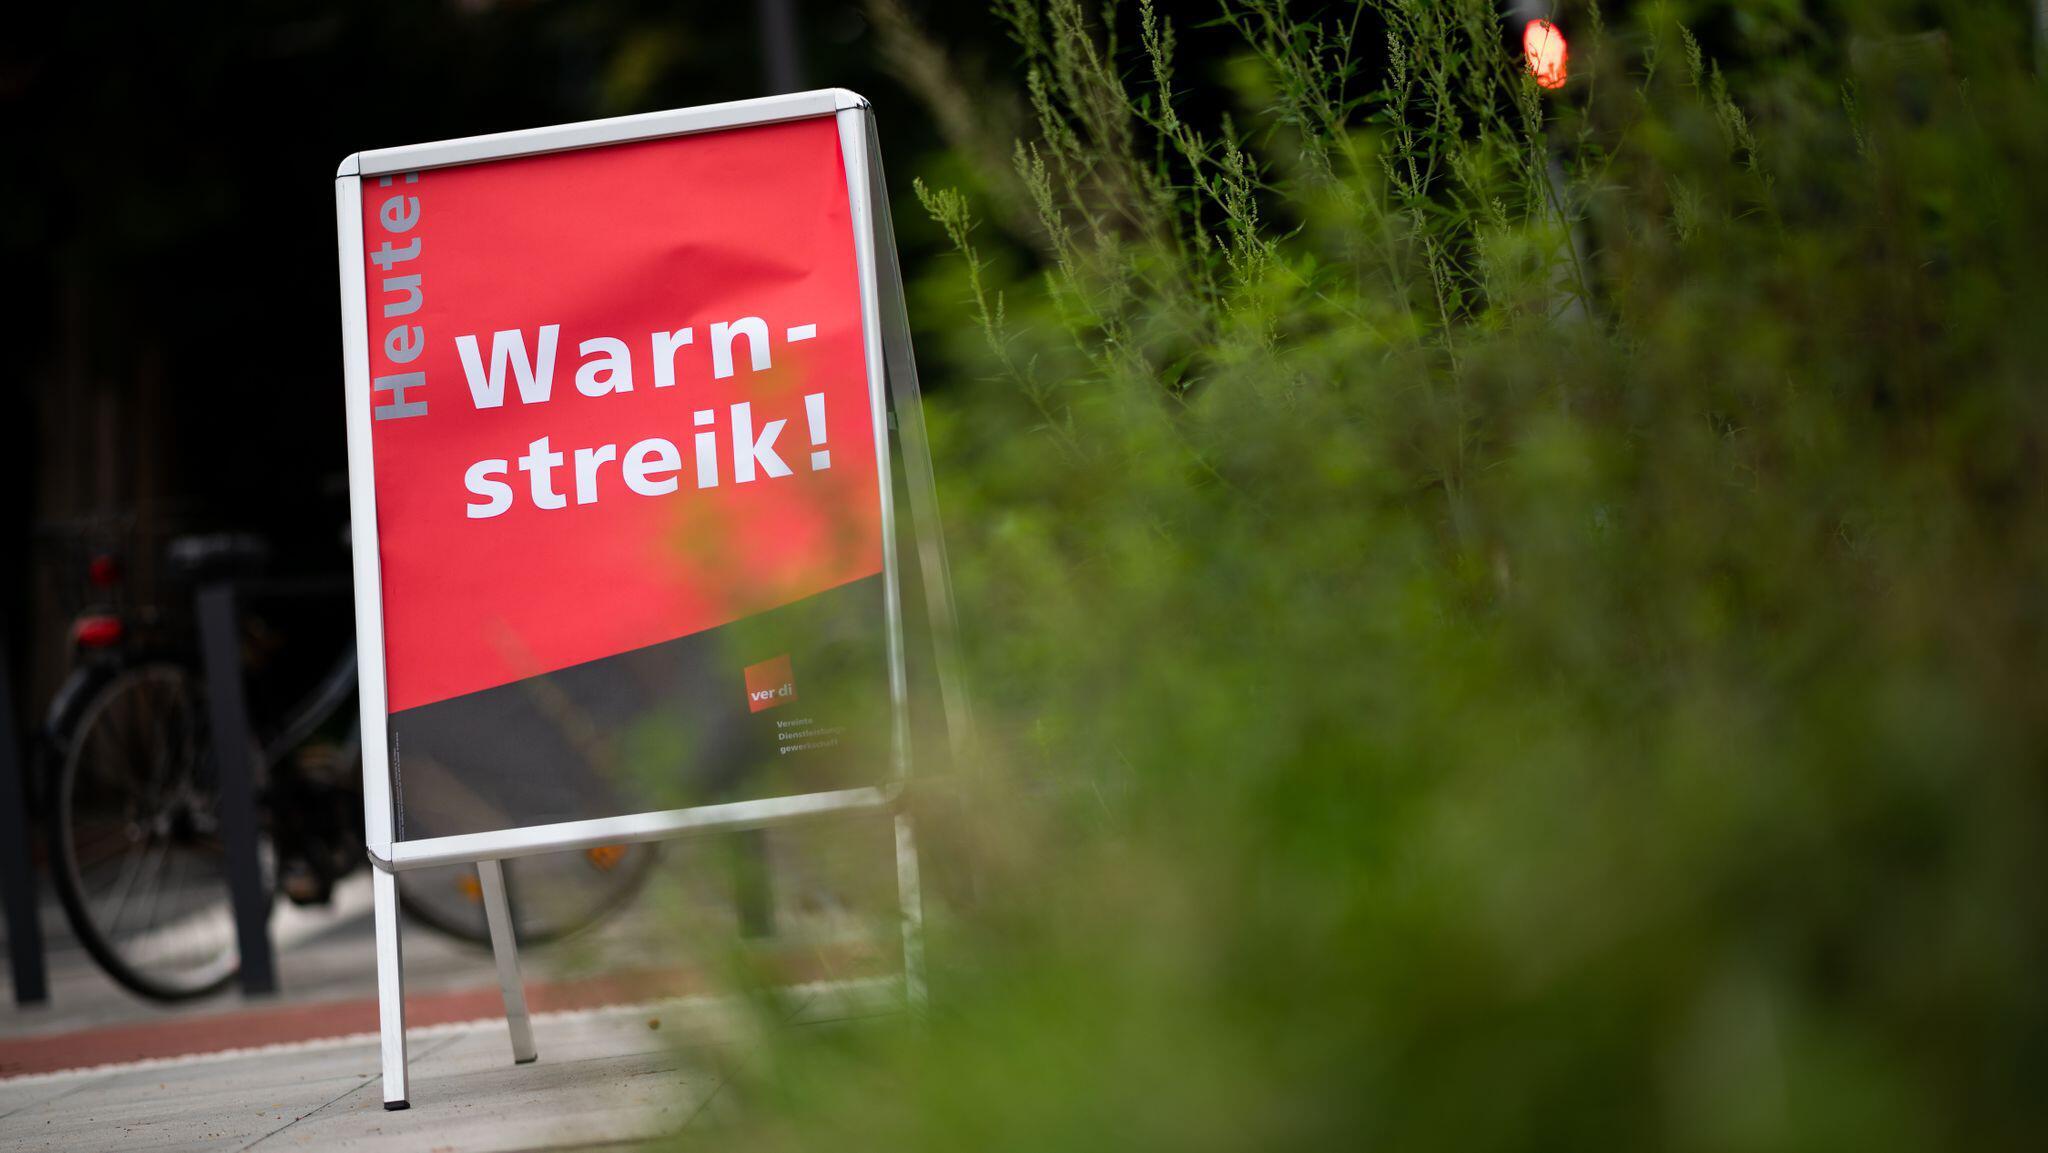 Bild zu Warnstreik Küchen- und Reinigungspersonal in Elbkinder-Kitas